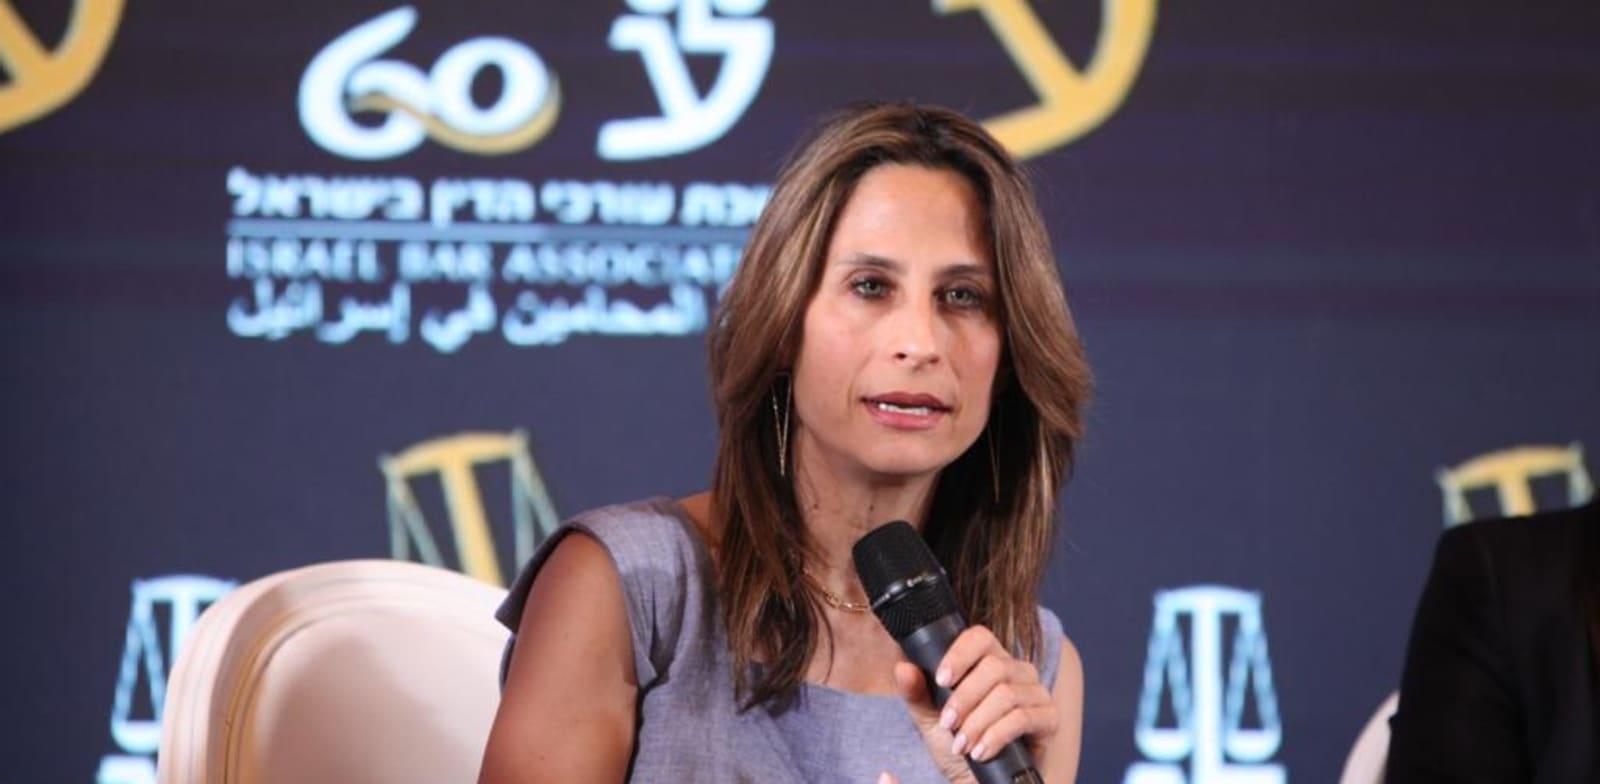 שרת המדע והטכנולוגיה, אורית פרקש-הכהן / צילום: דוברות לשכת עורכי הדין